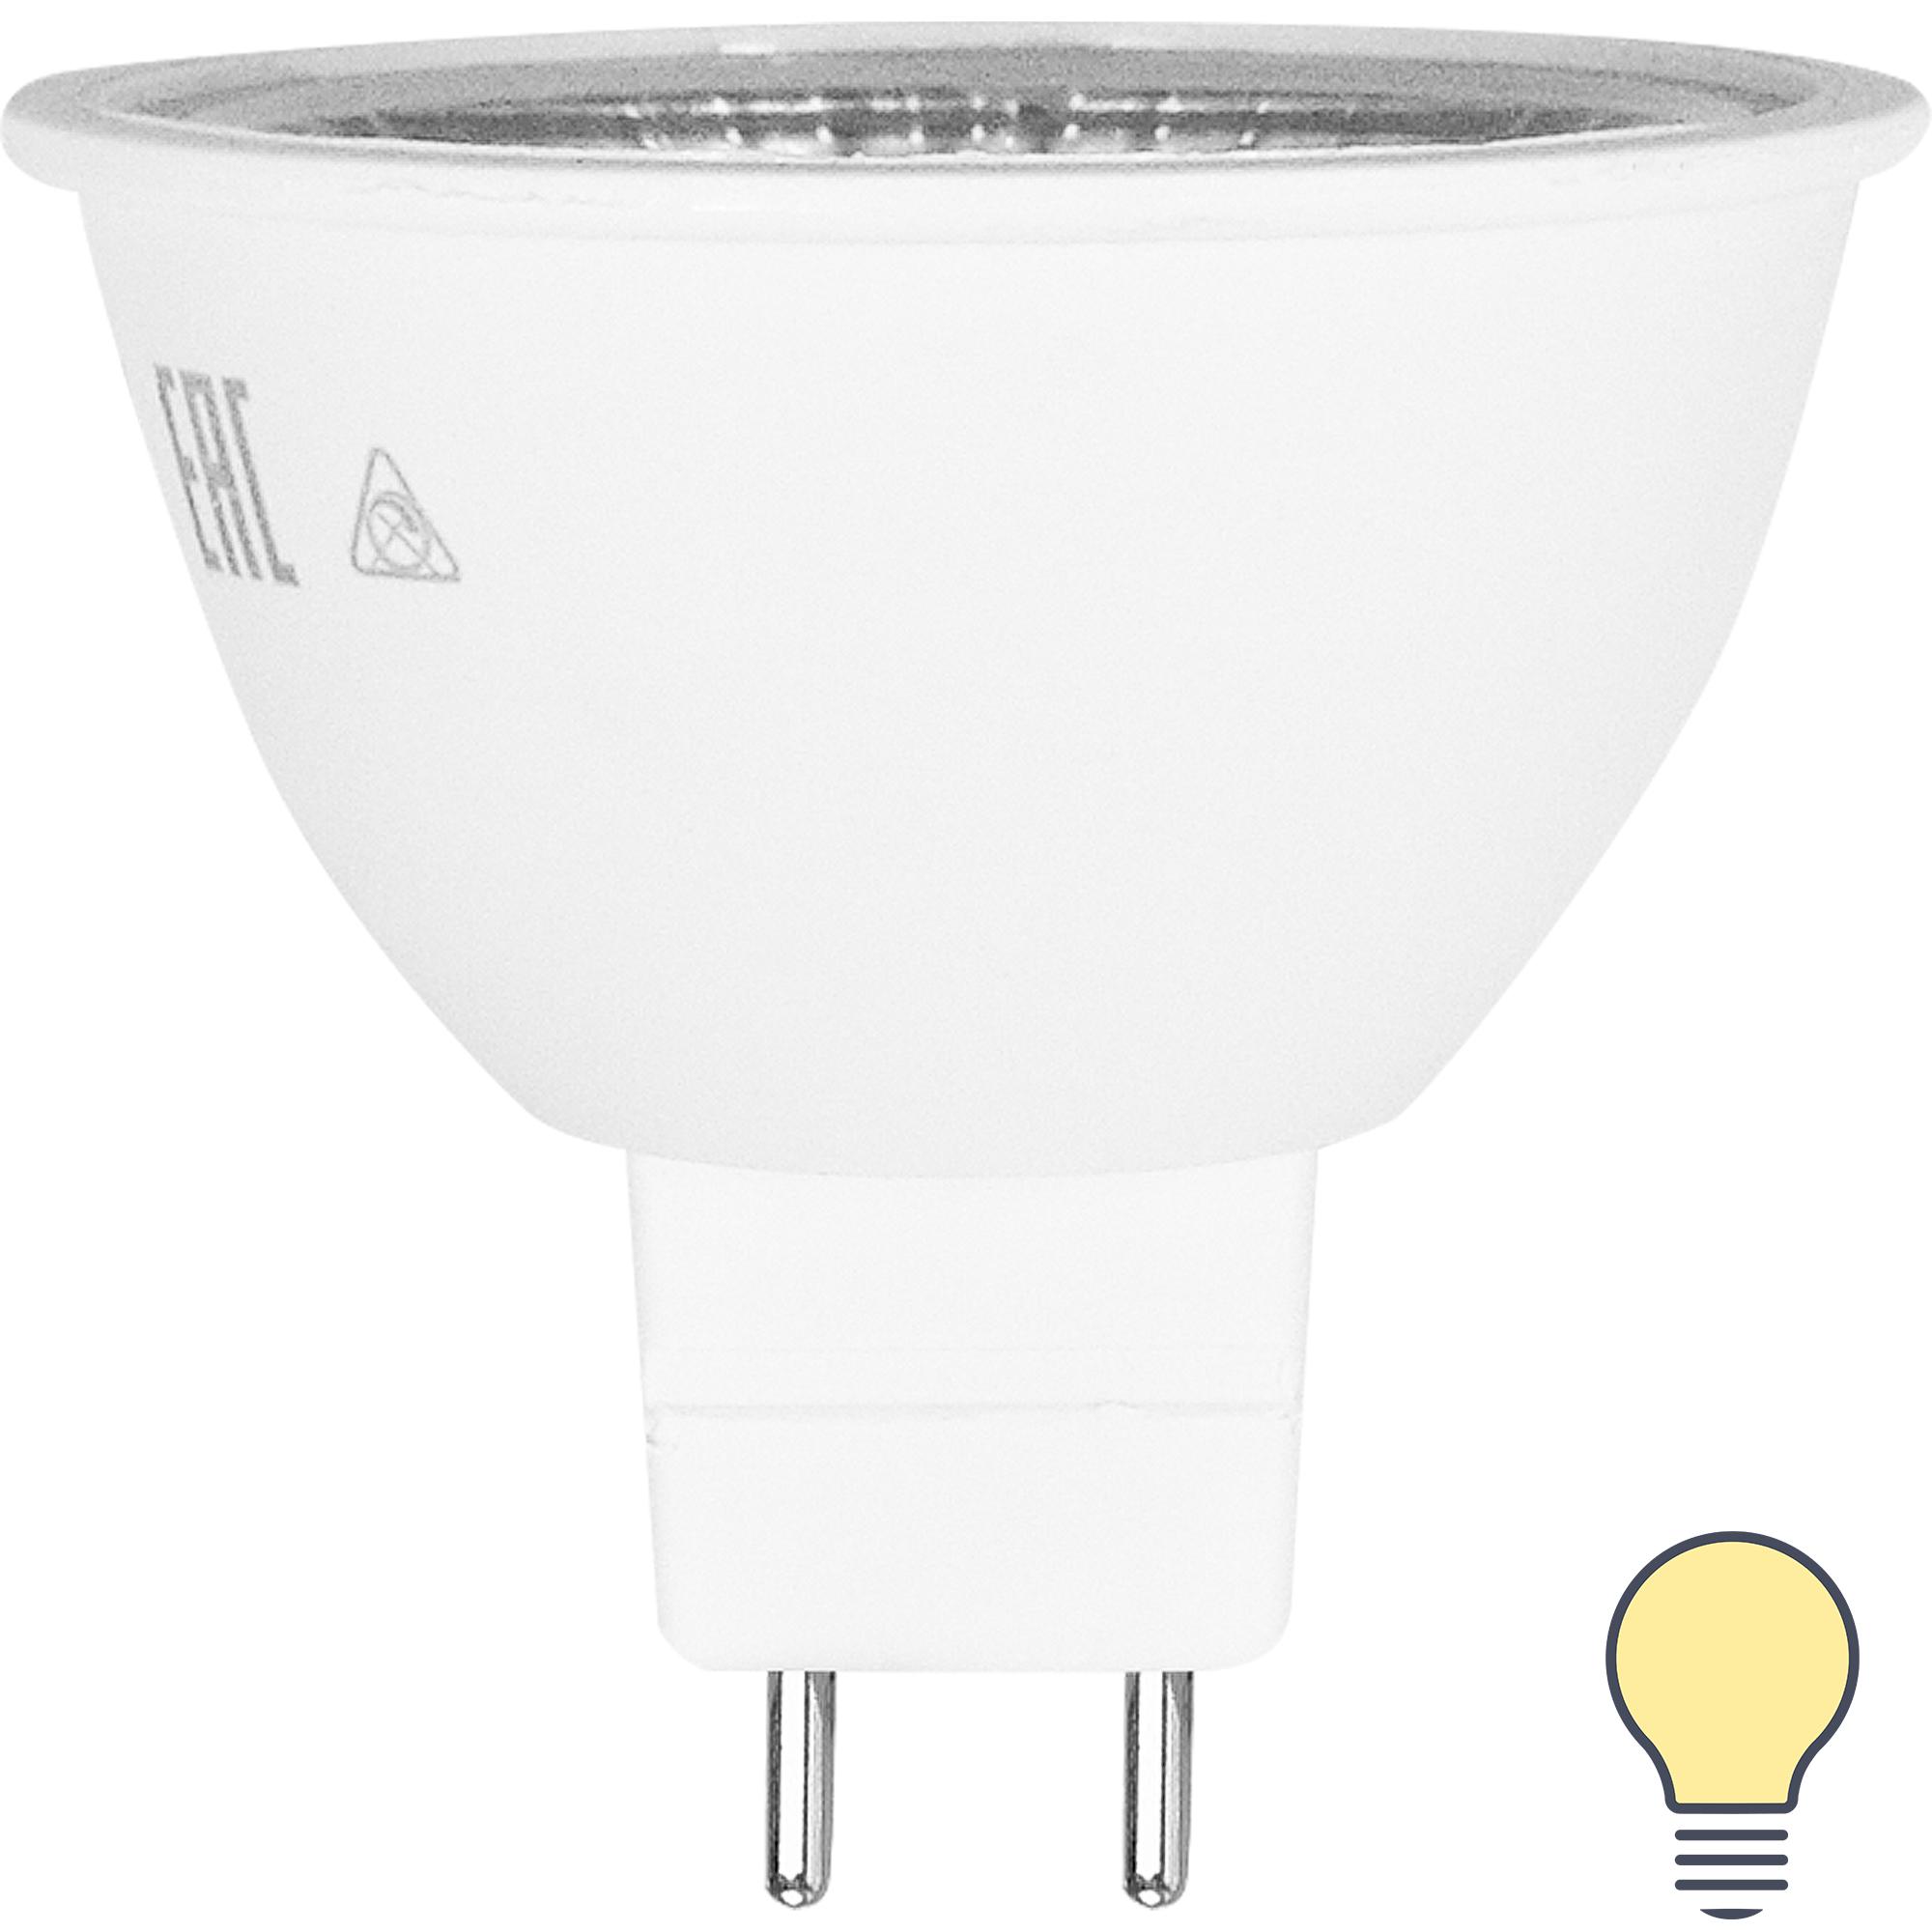 Лампа светодиодная Osram GU5.3 220-240 В 6.5 Вт спот прозрачная 500 лм тёплый белый свет